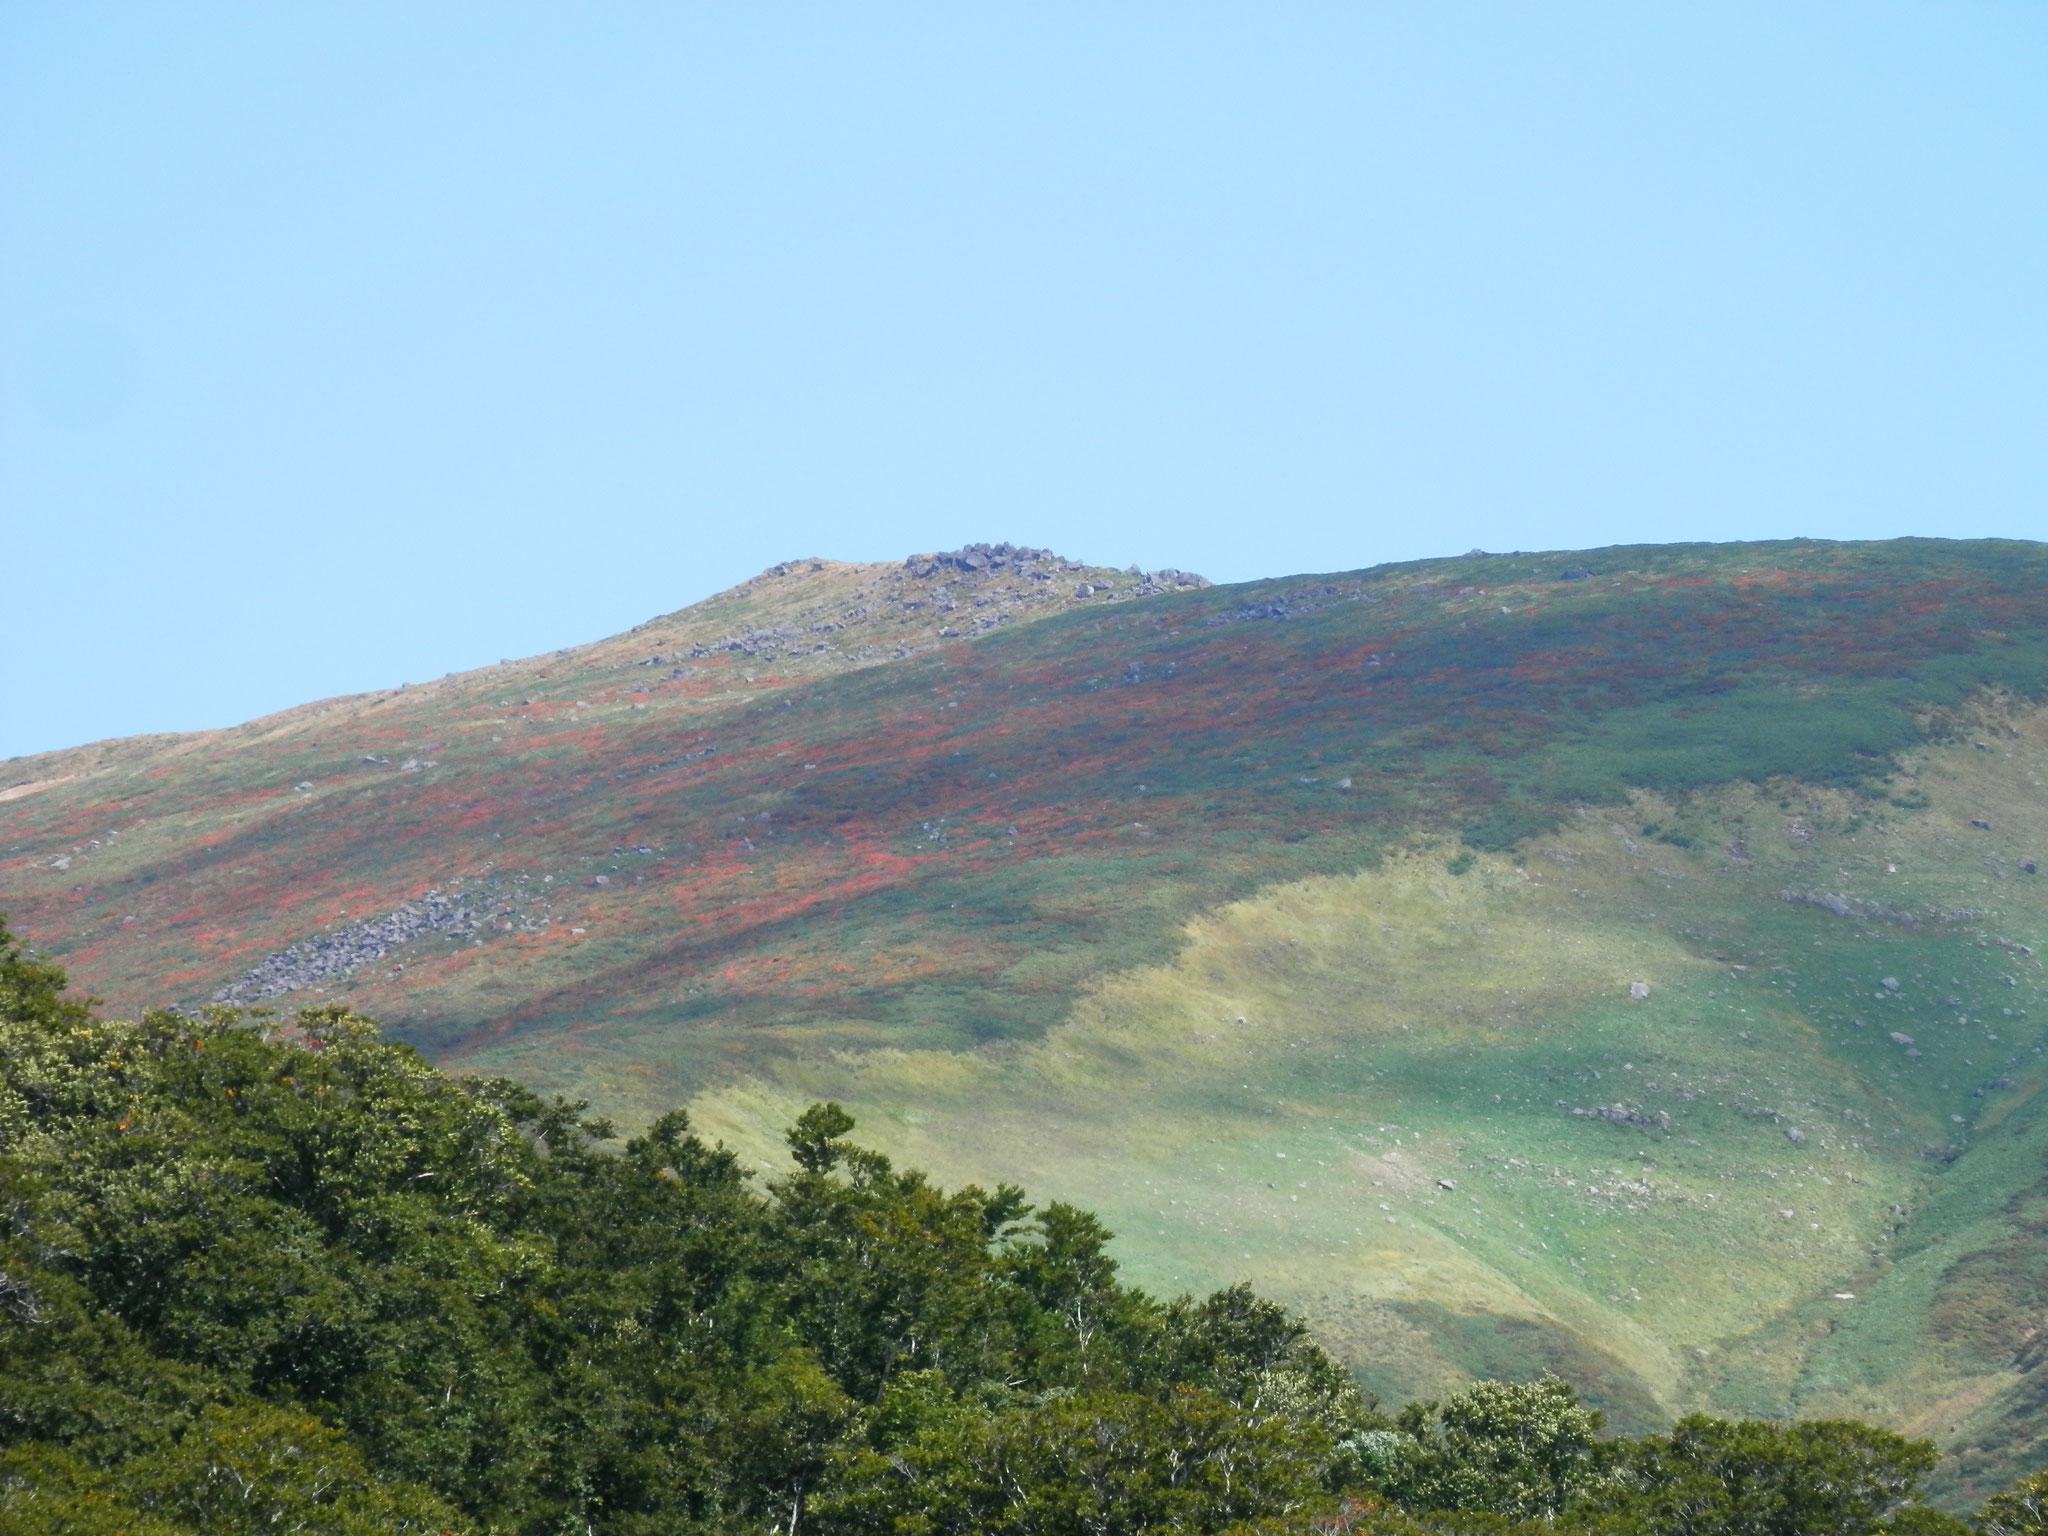 9/19 いよいよ山頂の紅葉が始まりました